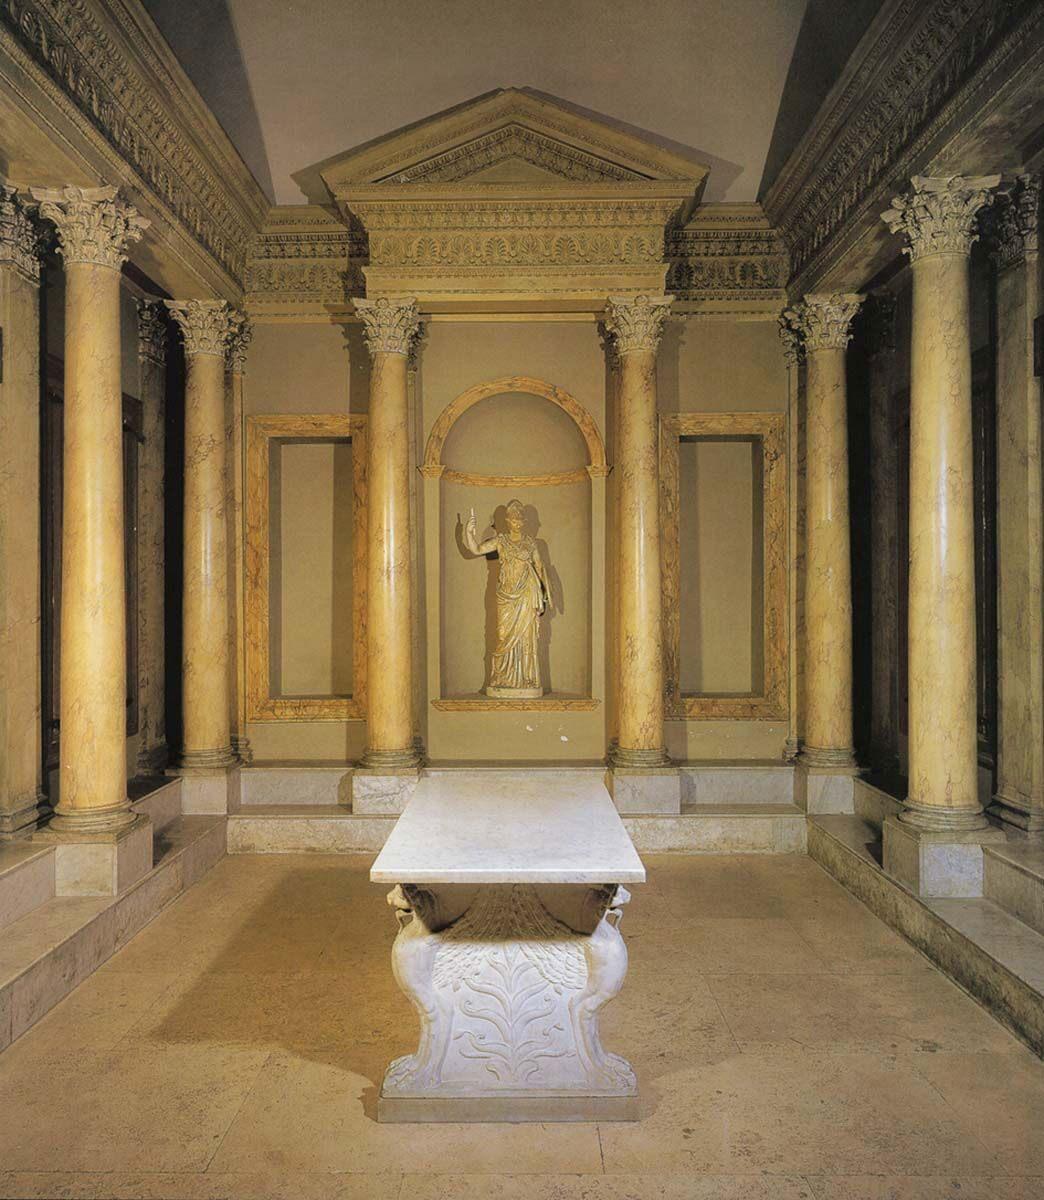 Άποψη της υποθετικής ανακατασκευής της βιβλιοθήκης στην έπαυλη του Αδριανού στο Τίβολι. Museo della Civiltà Romana.